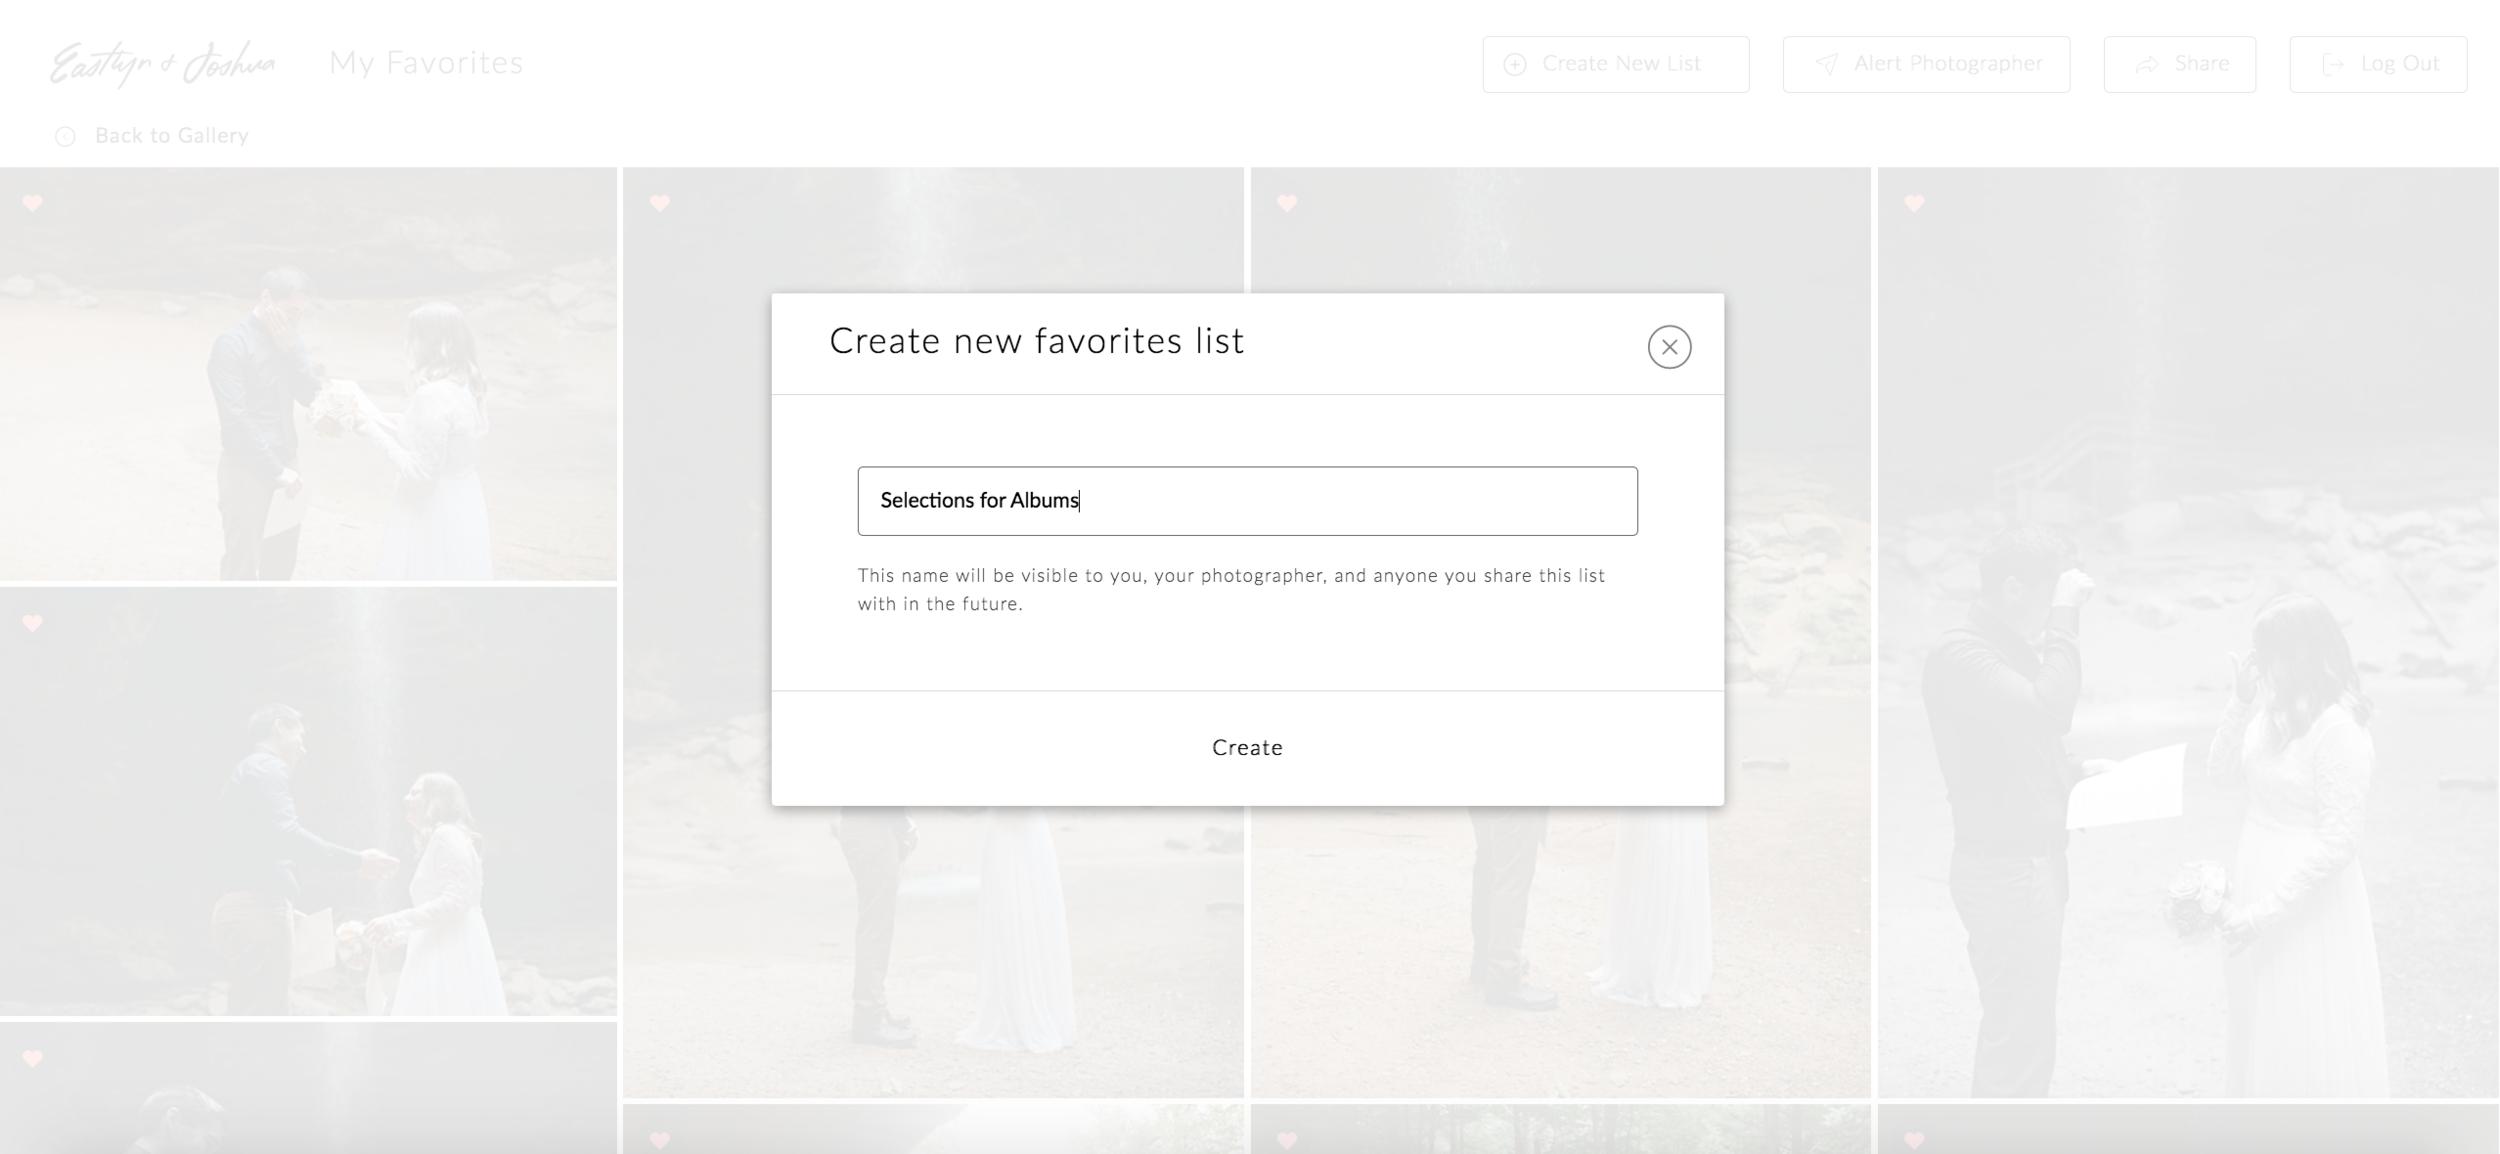 cloudspot review clients favorite lists.png